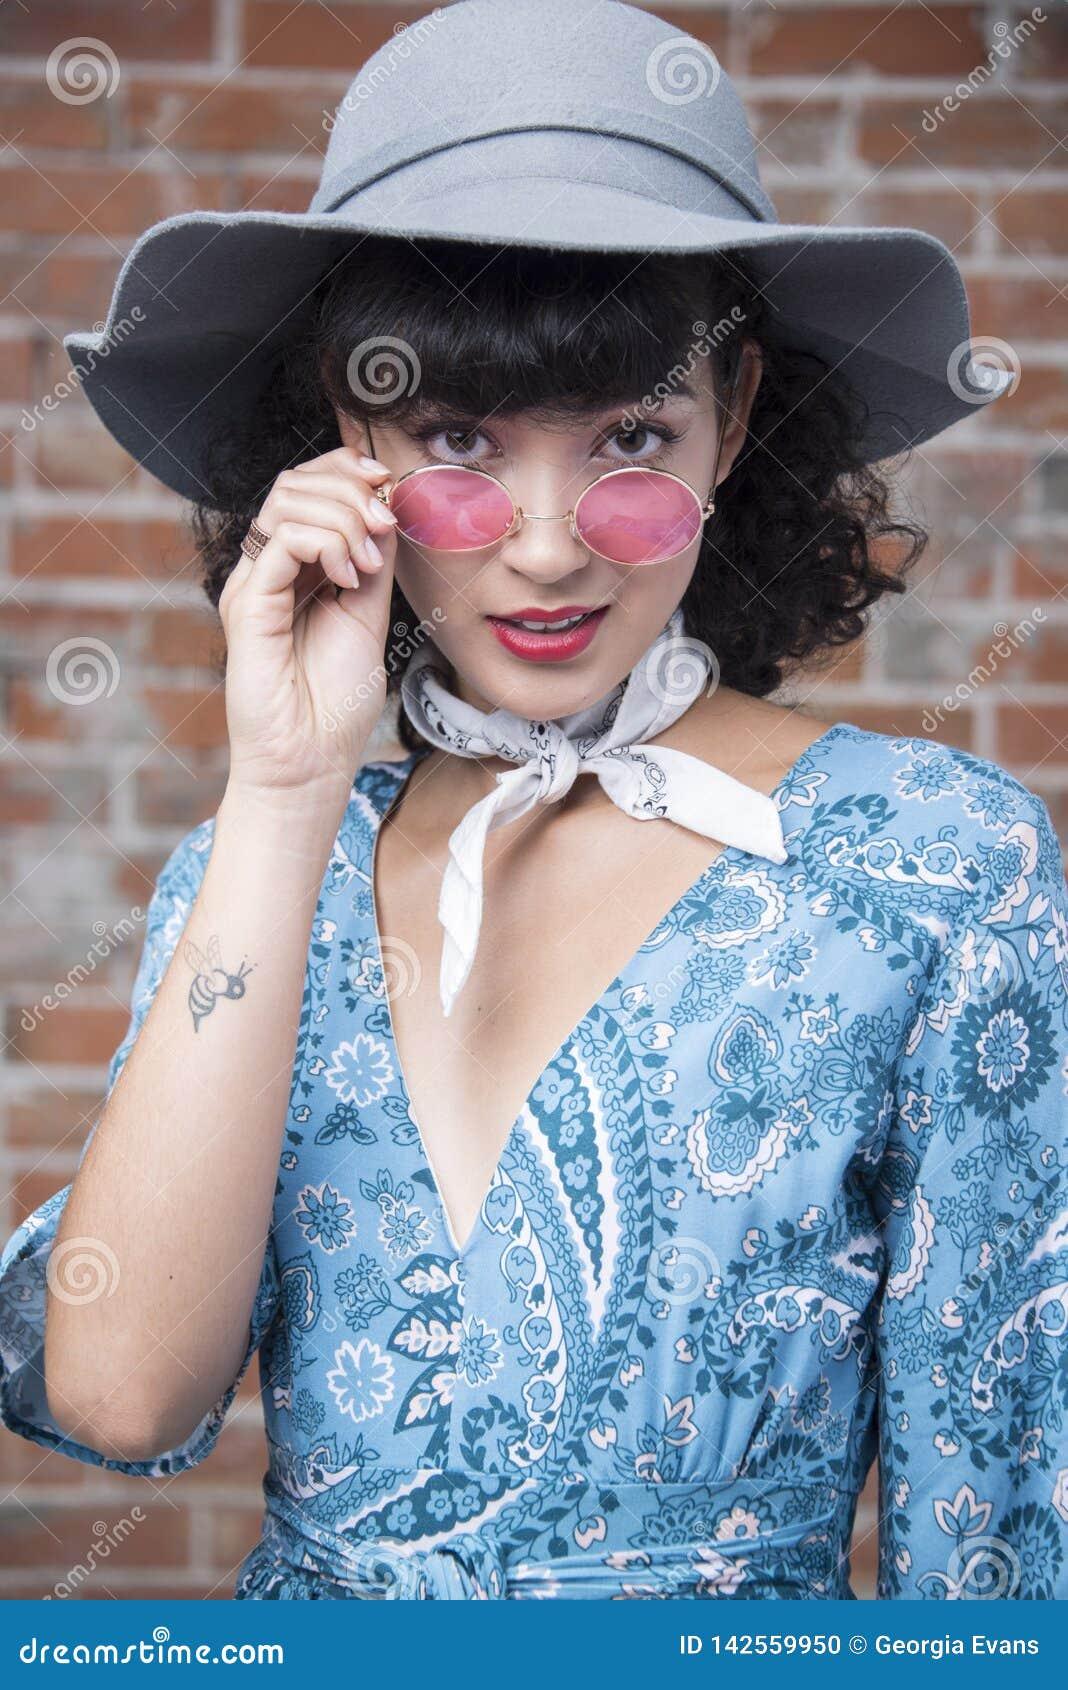 Piękny orientalny kobieta portret z różą barwił szkła i modnego słońce kapelusz z małym tatuażem, ładna suknia, bandan